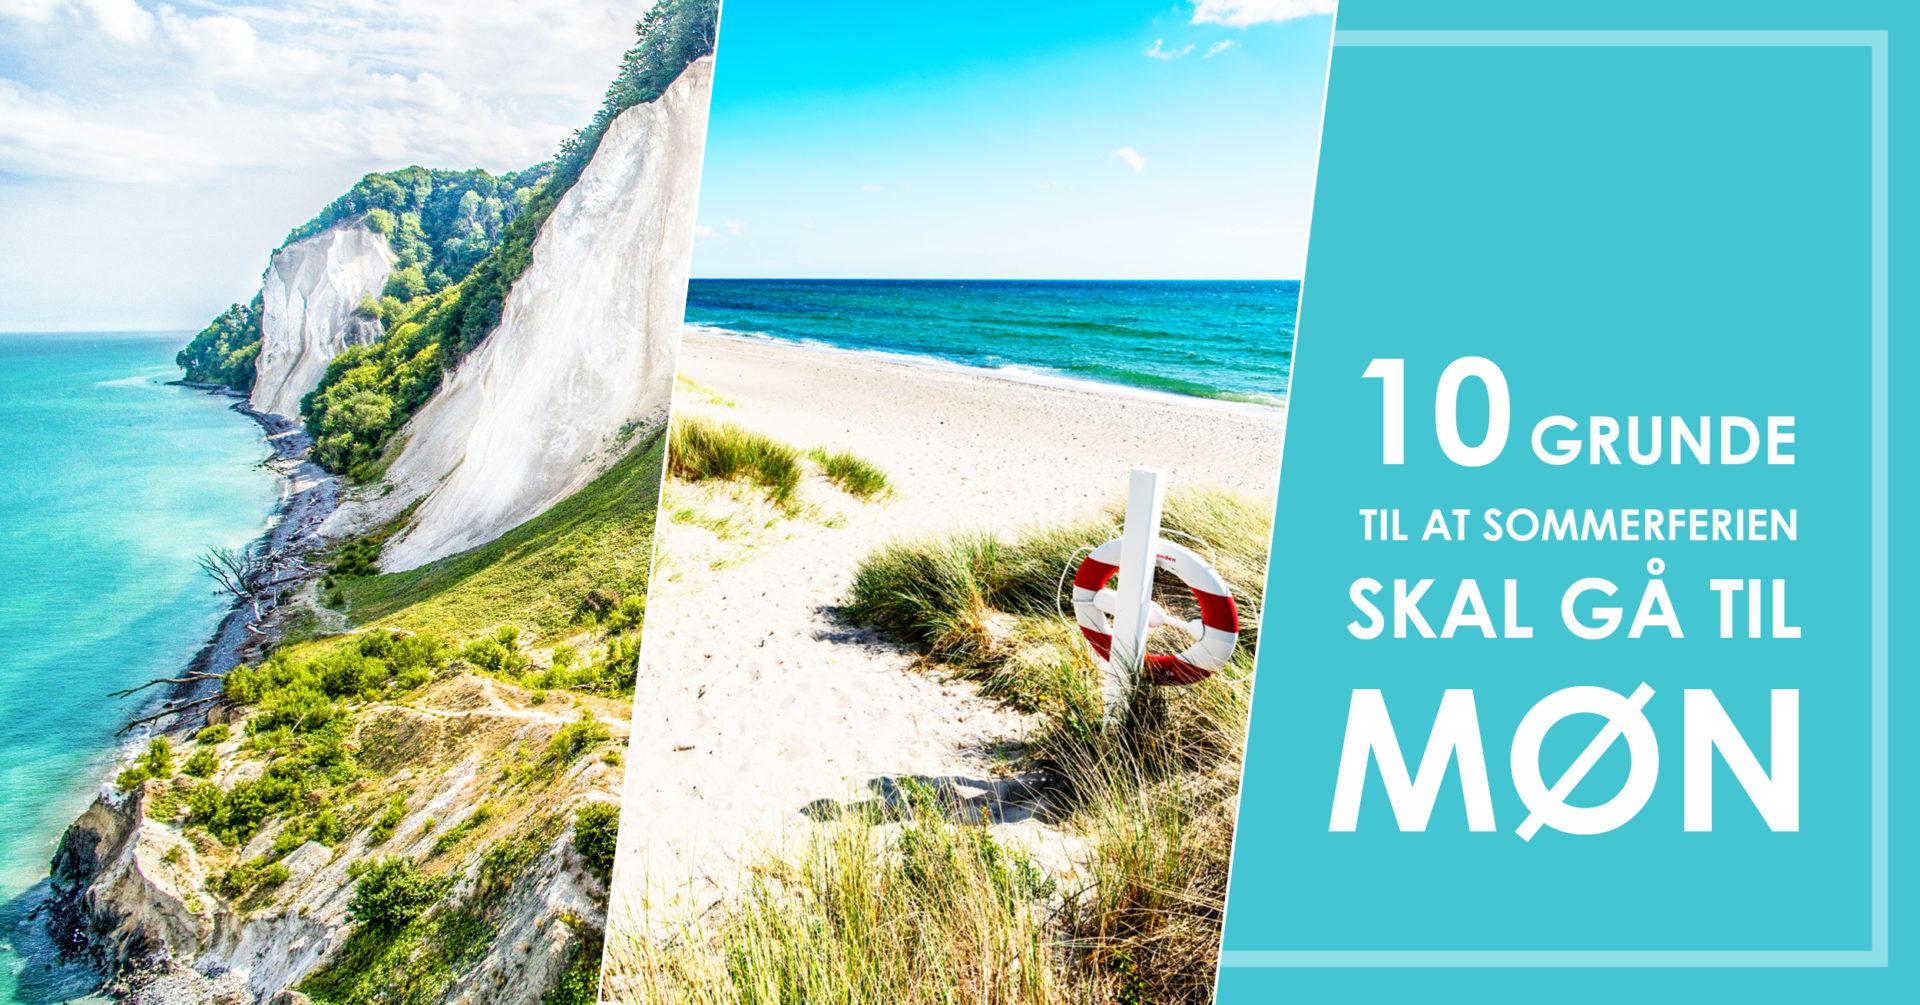 Møn ferie - Facebook banner